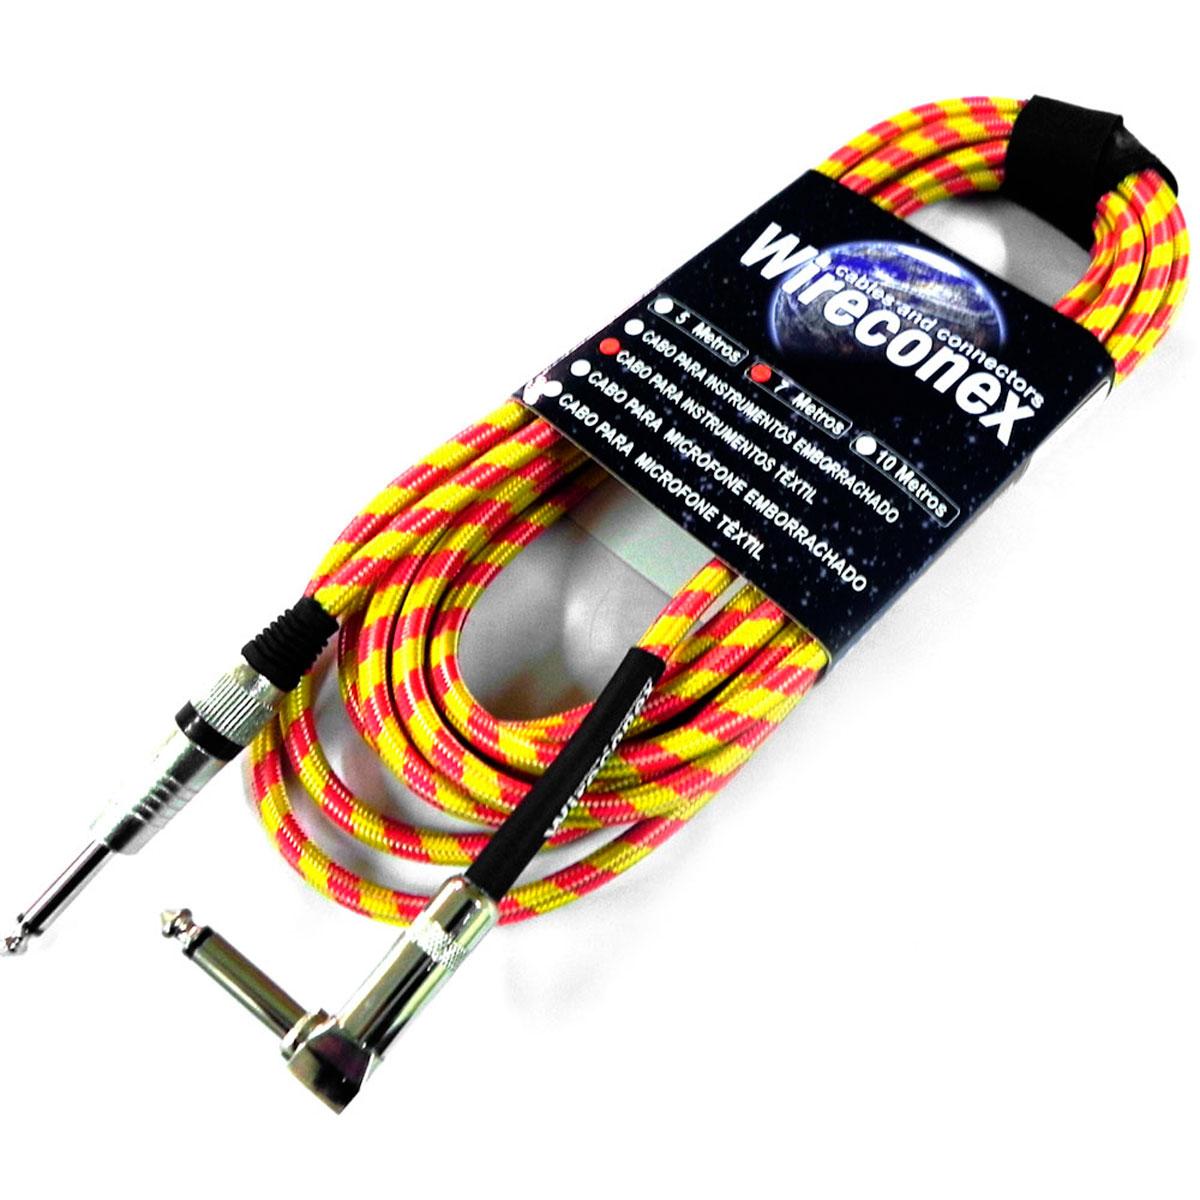 Cabo T�xtil 7Mt P10 M / P10 M Cachimbo Mono - Wireconex